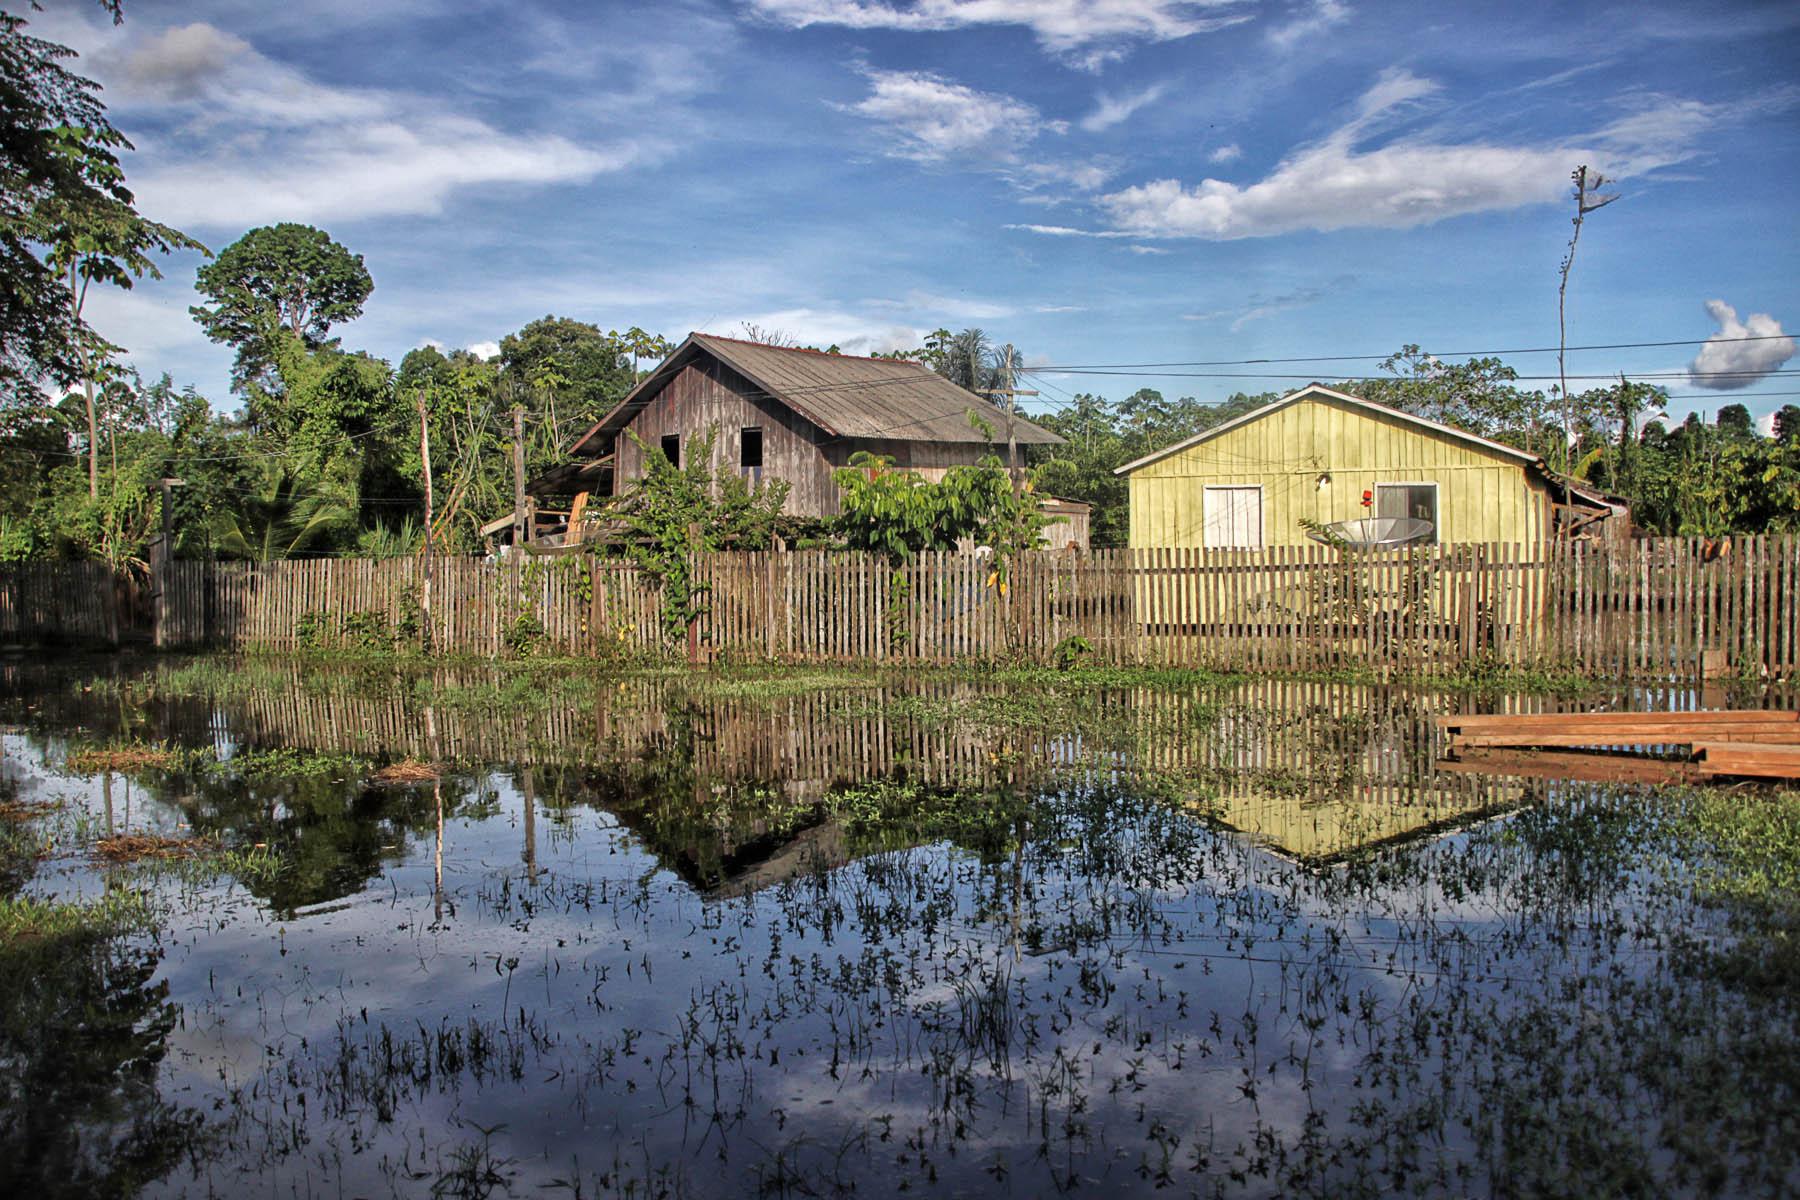 Desastre socioambiental como negócio: usinas a fio d'água na Amazônia e seus efeitos desastrosos continuados